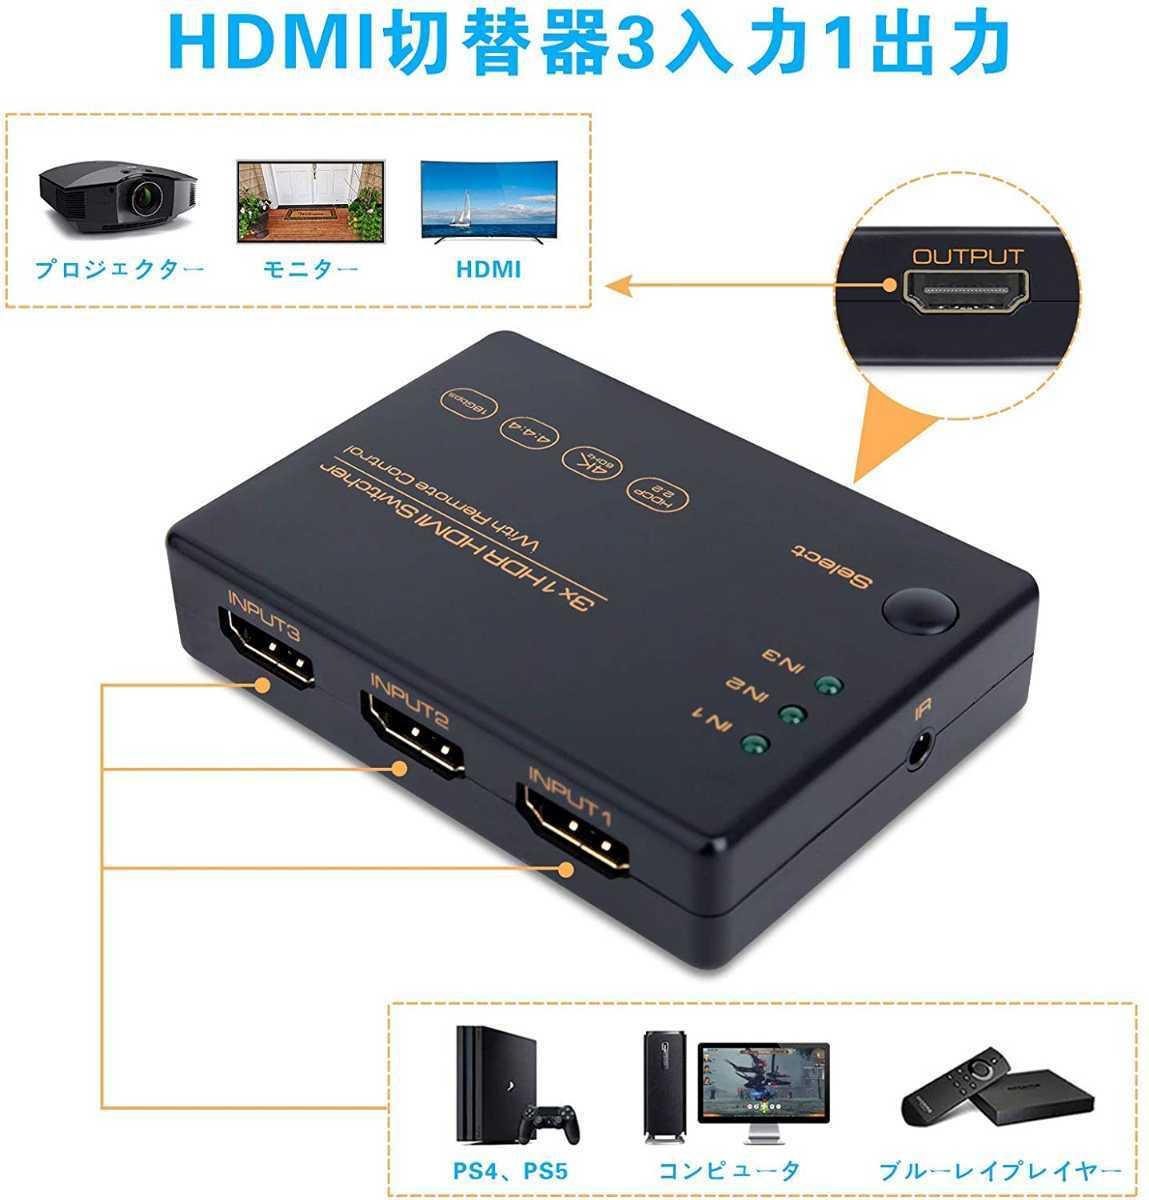 新品☆HDMI切替器・分配器☆USB給電3入力1出力 4K+3Dセレクター 4K60Hz HDMI2.0 HDCP2.2対応スプリッター自動手動切替機能搭載リモコン付き